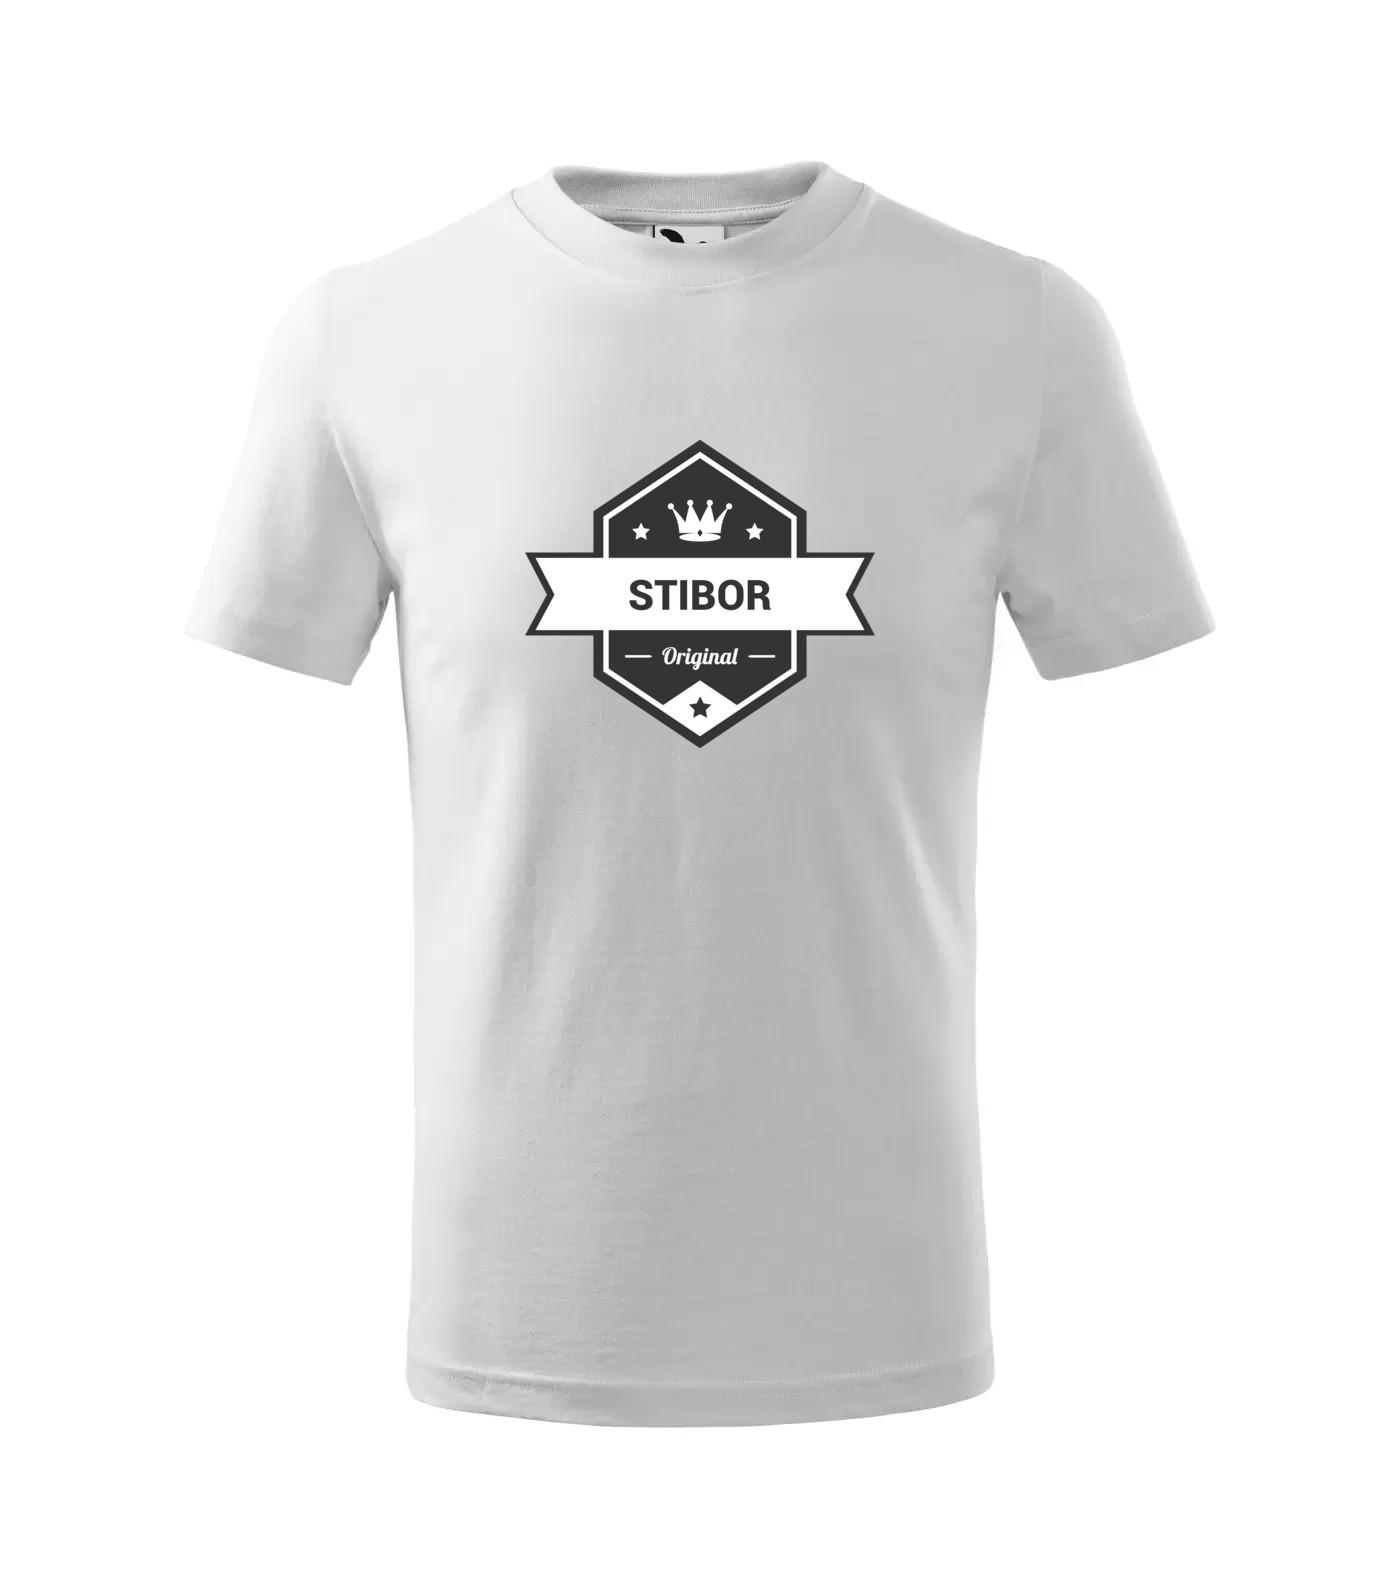 Tričko King Stibor